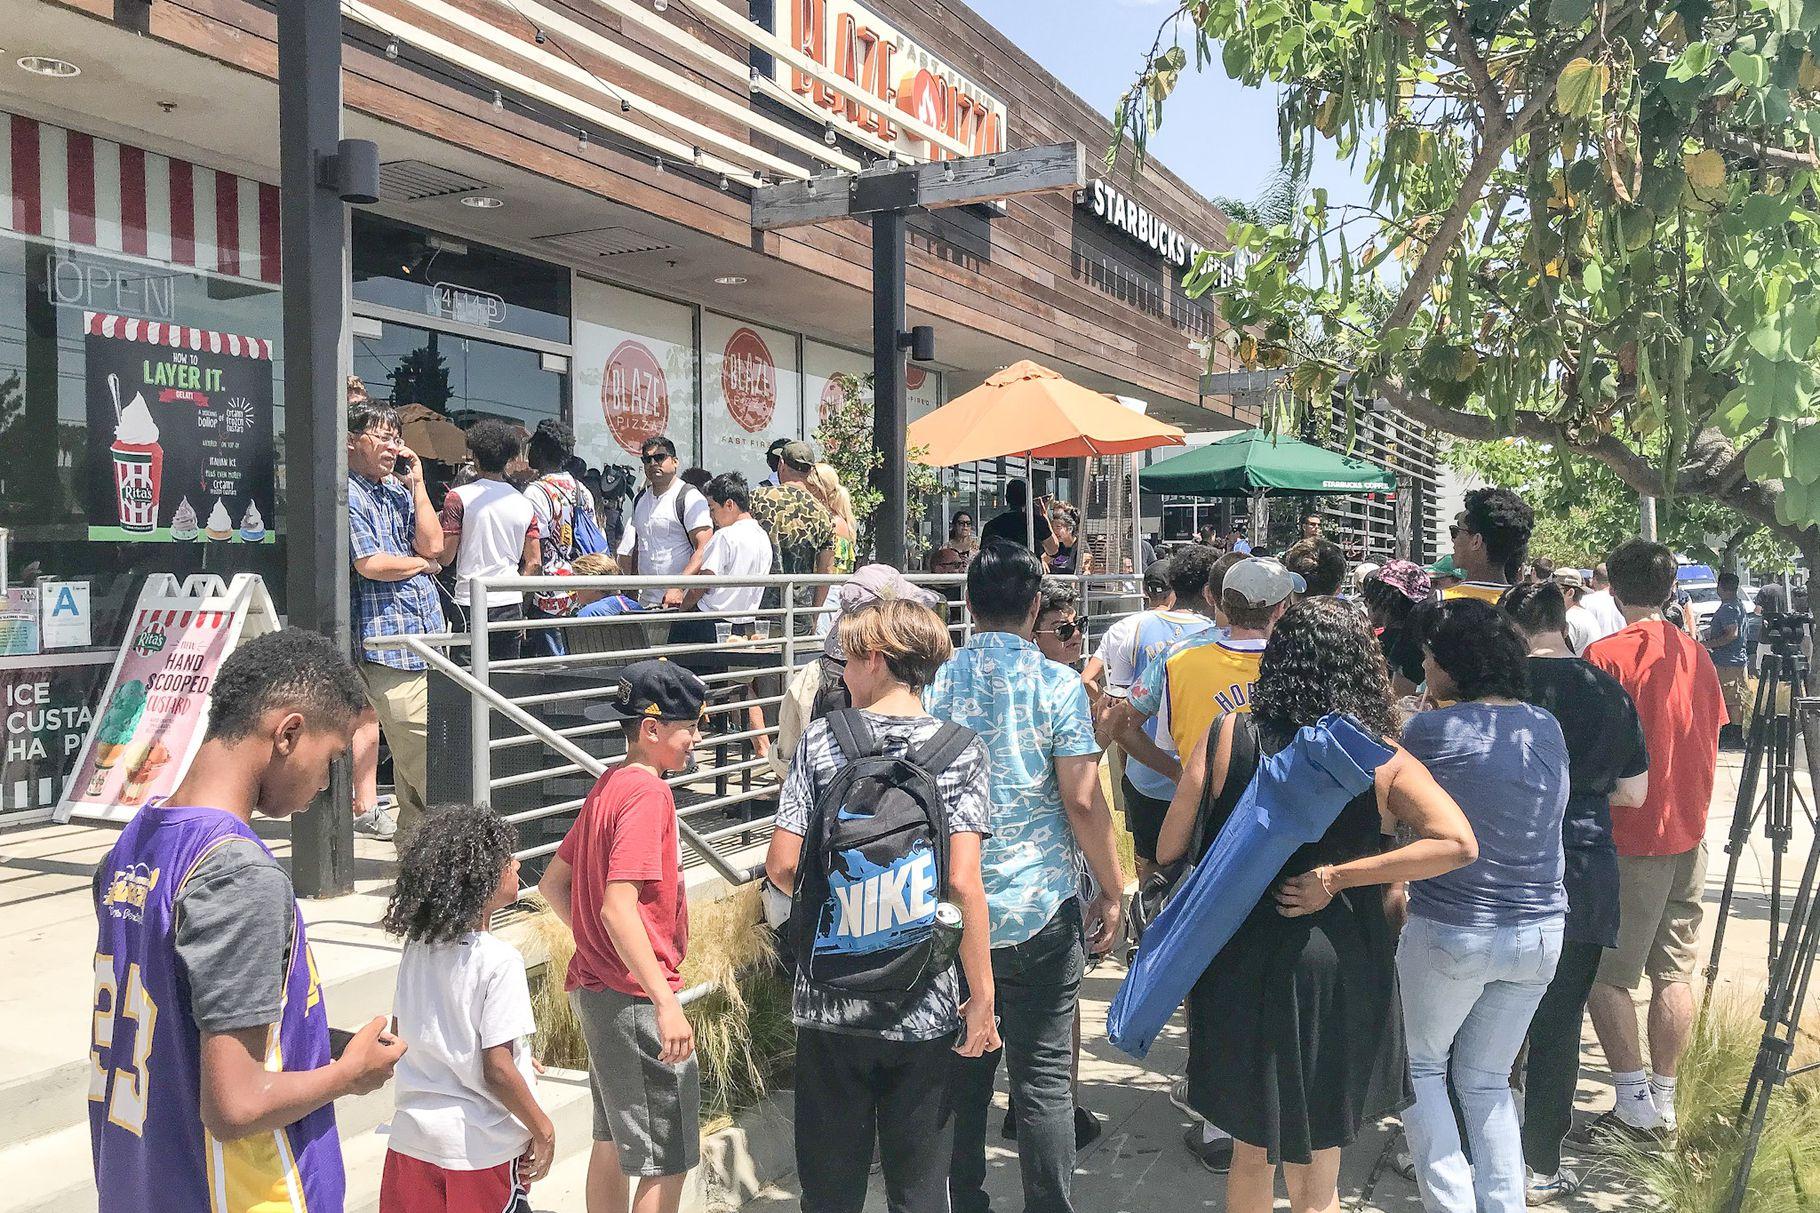 LeBron's Blaze Pizza Tweet Is Causing Mayhem in Culver City